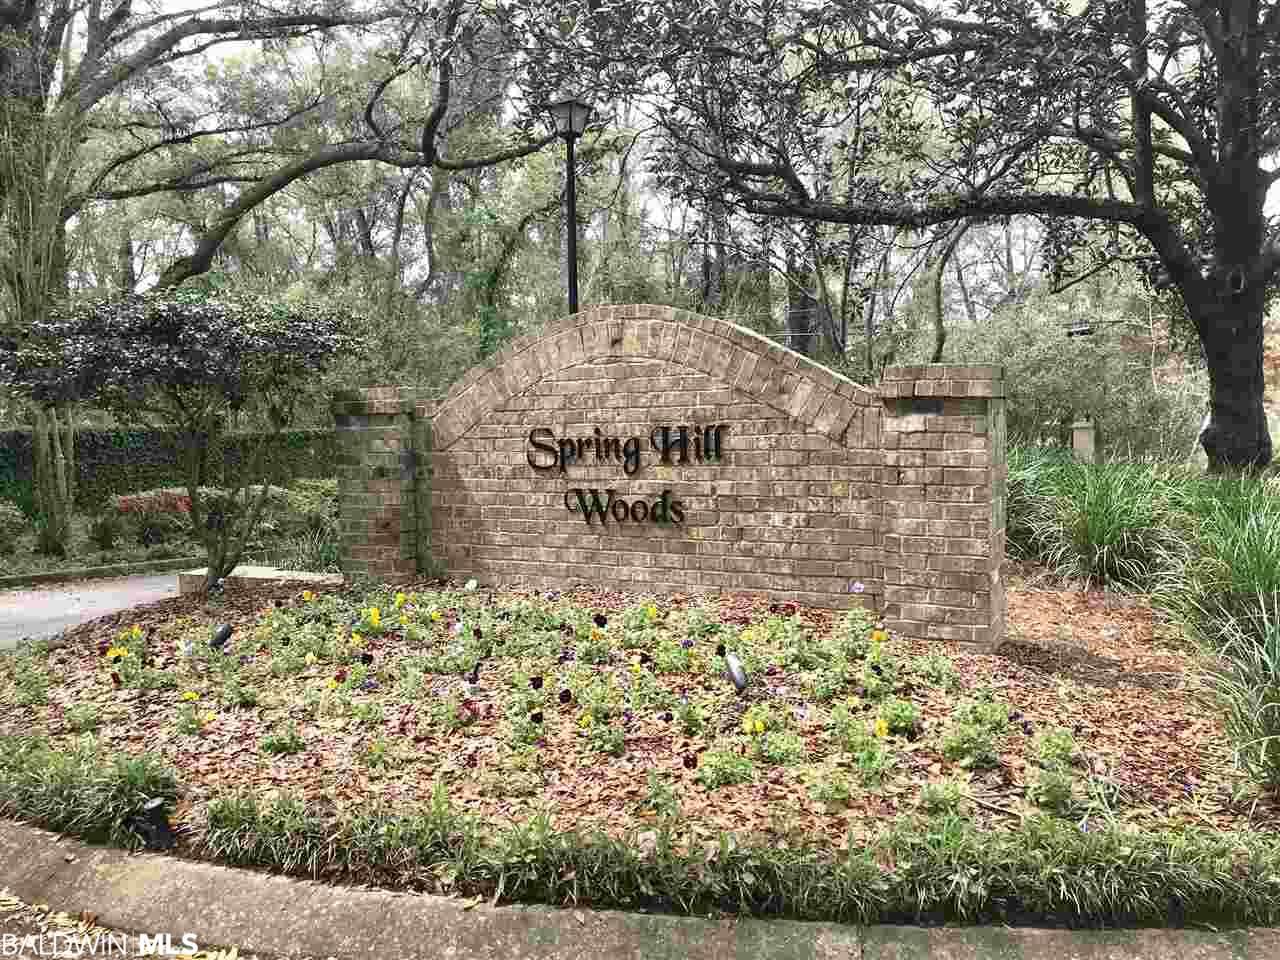 0 S Springhill Woods Dr, Mobile, AL 36608